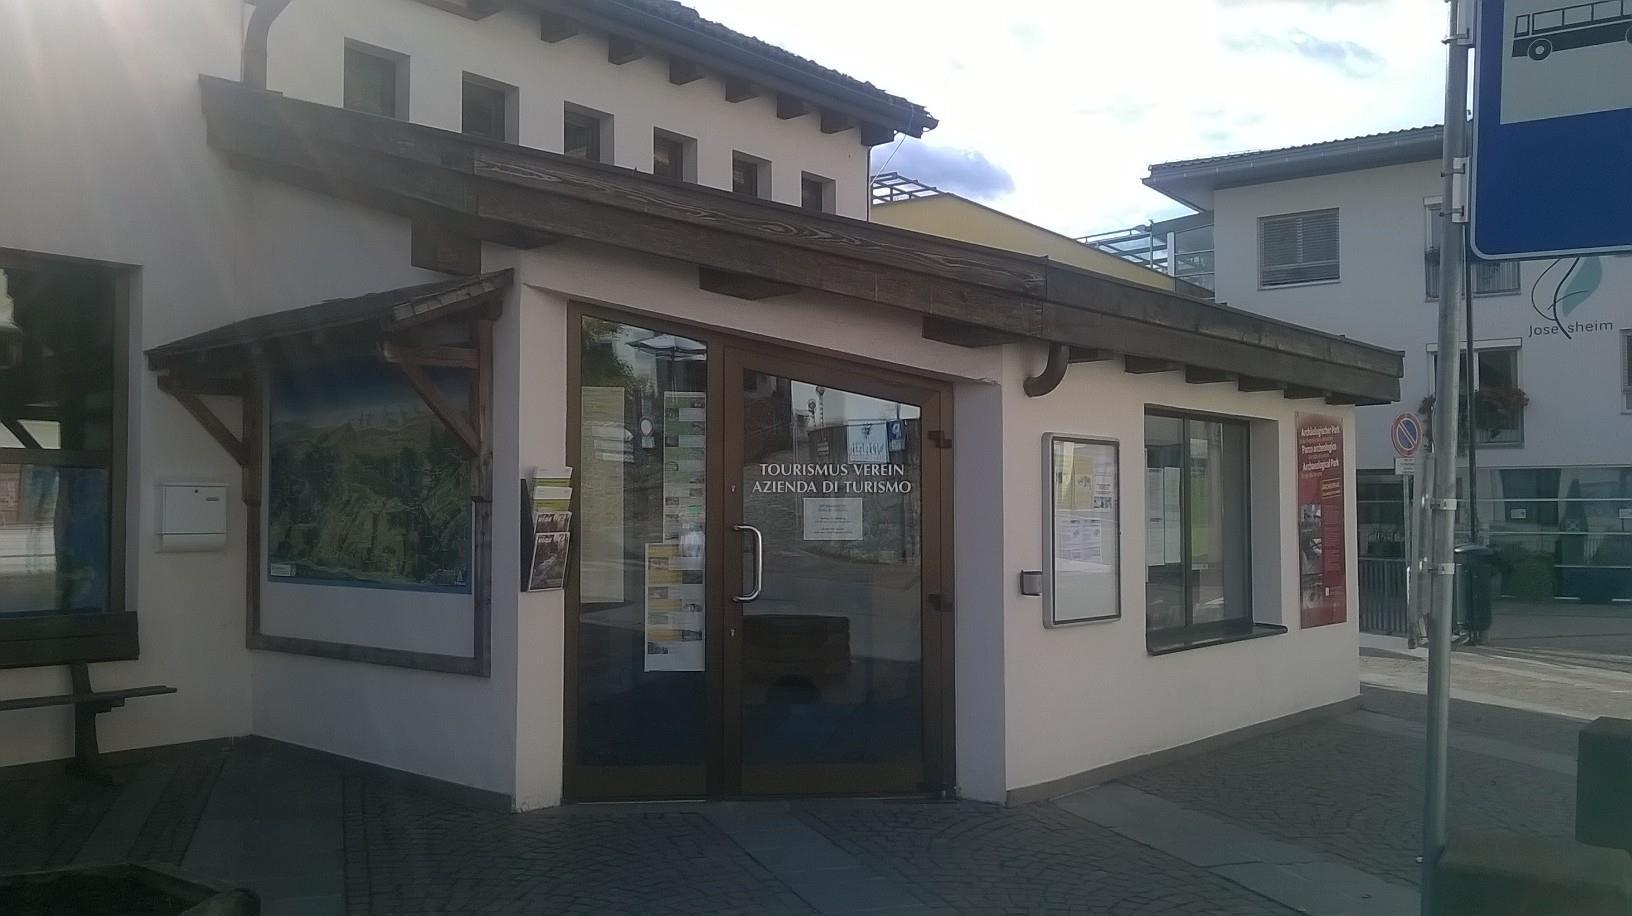 Ufficio Informazioni Villandro